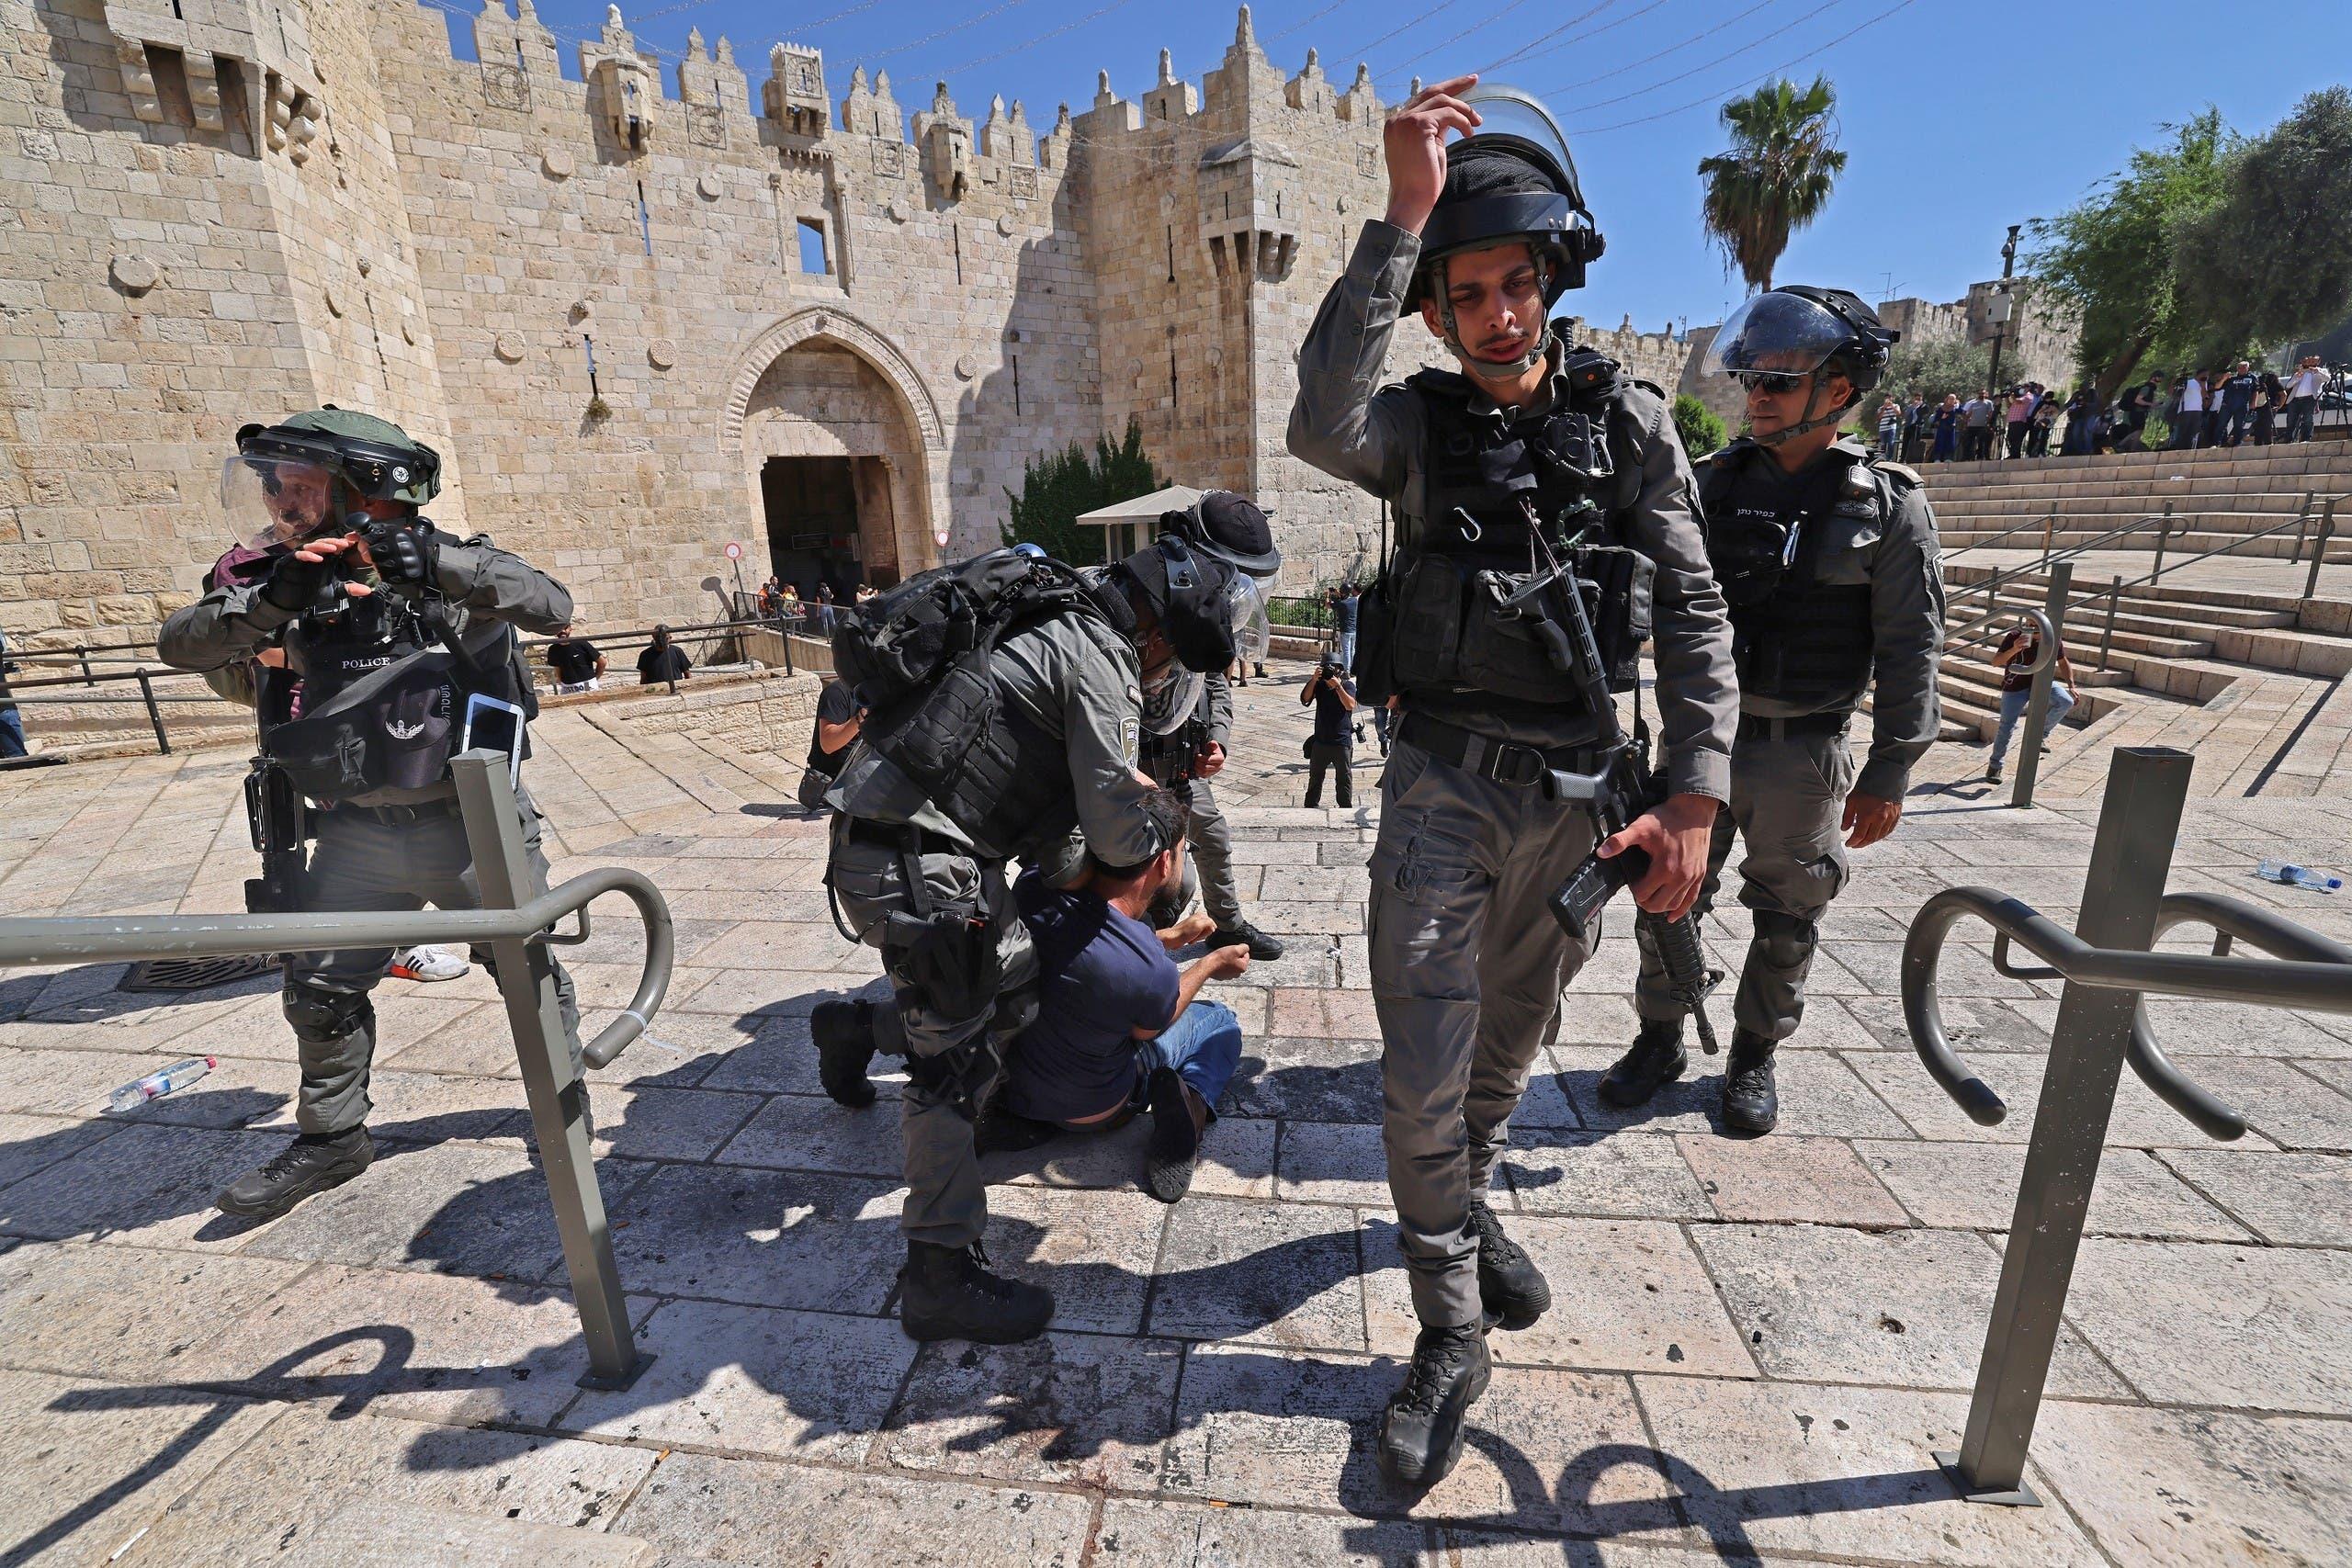 الشرطة الإسرائيلية تعتقل فلسكينياً خلال احتجاج في القدس